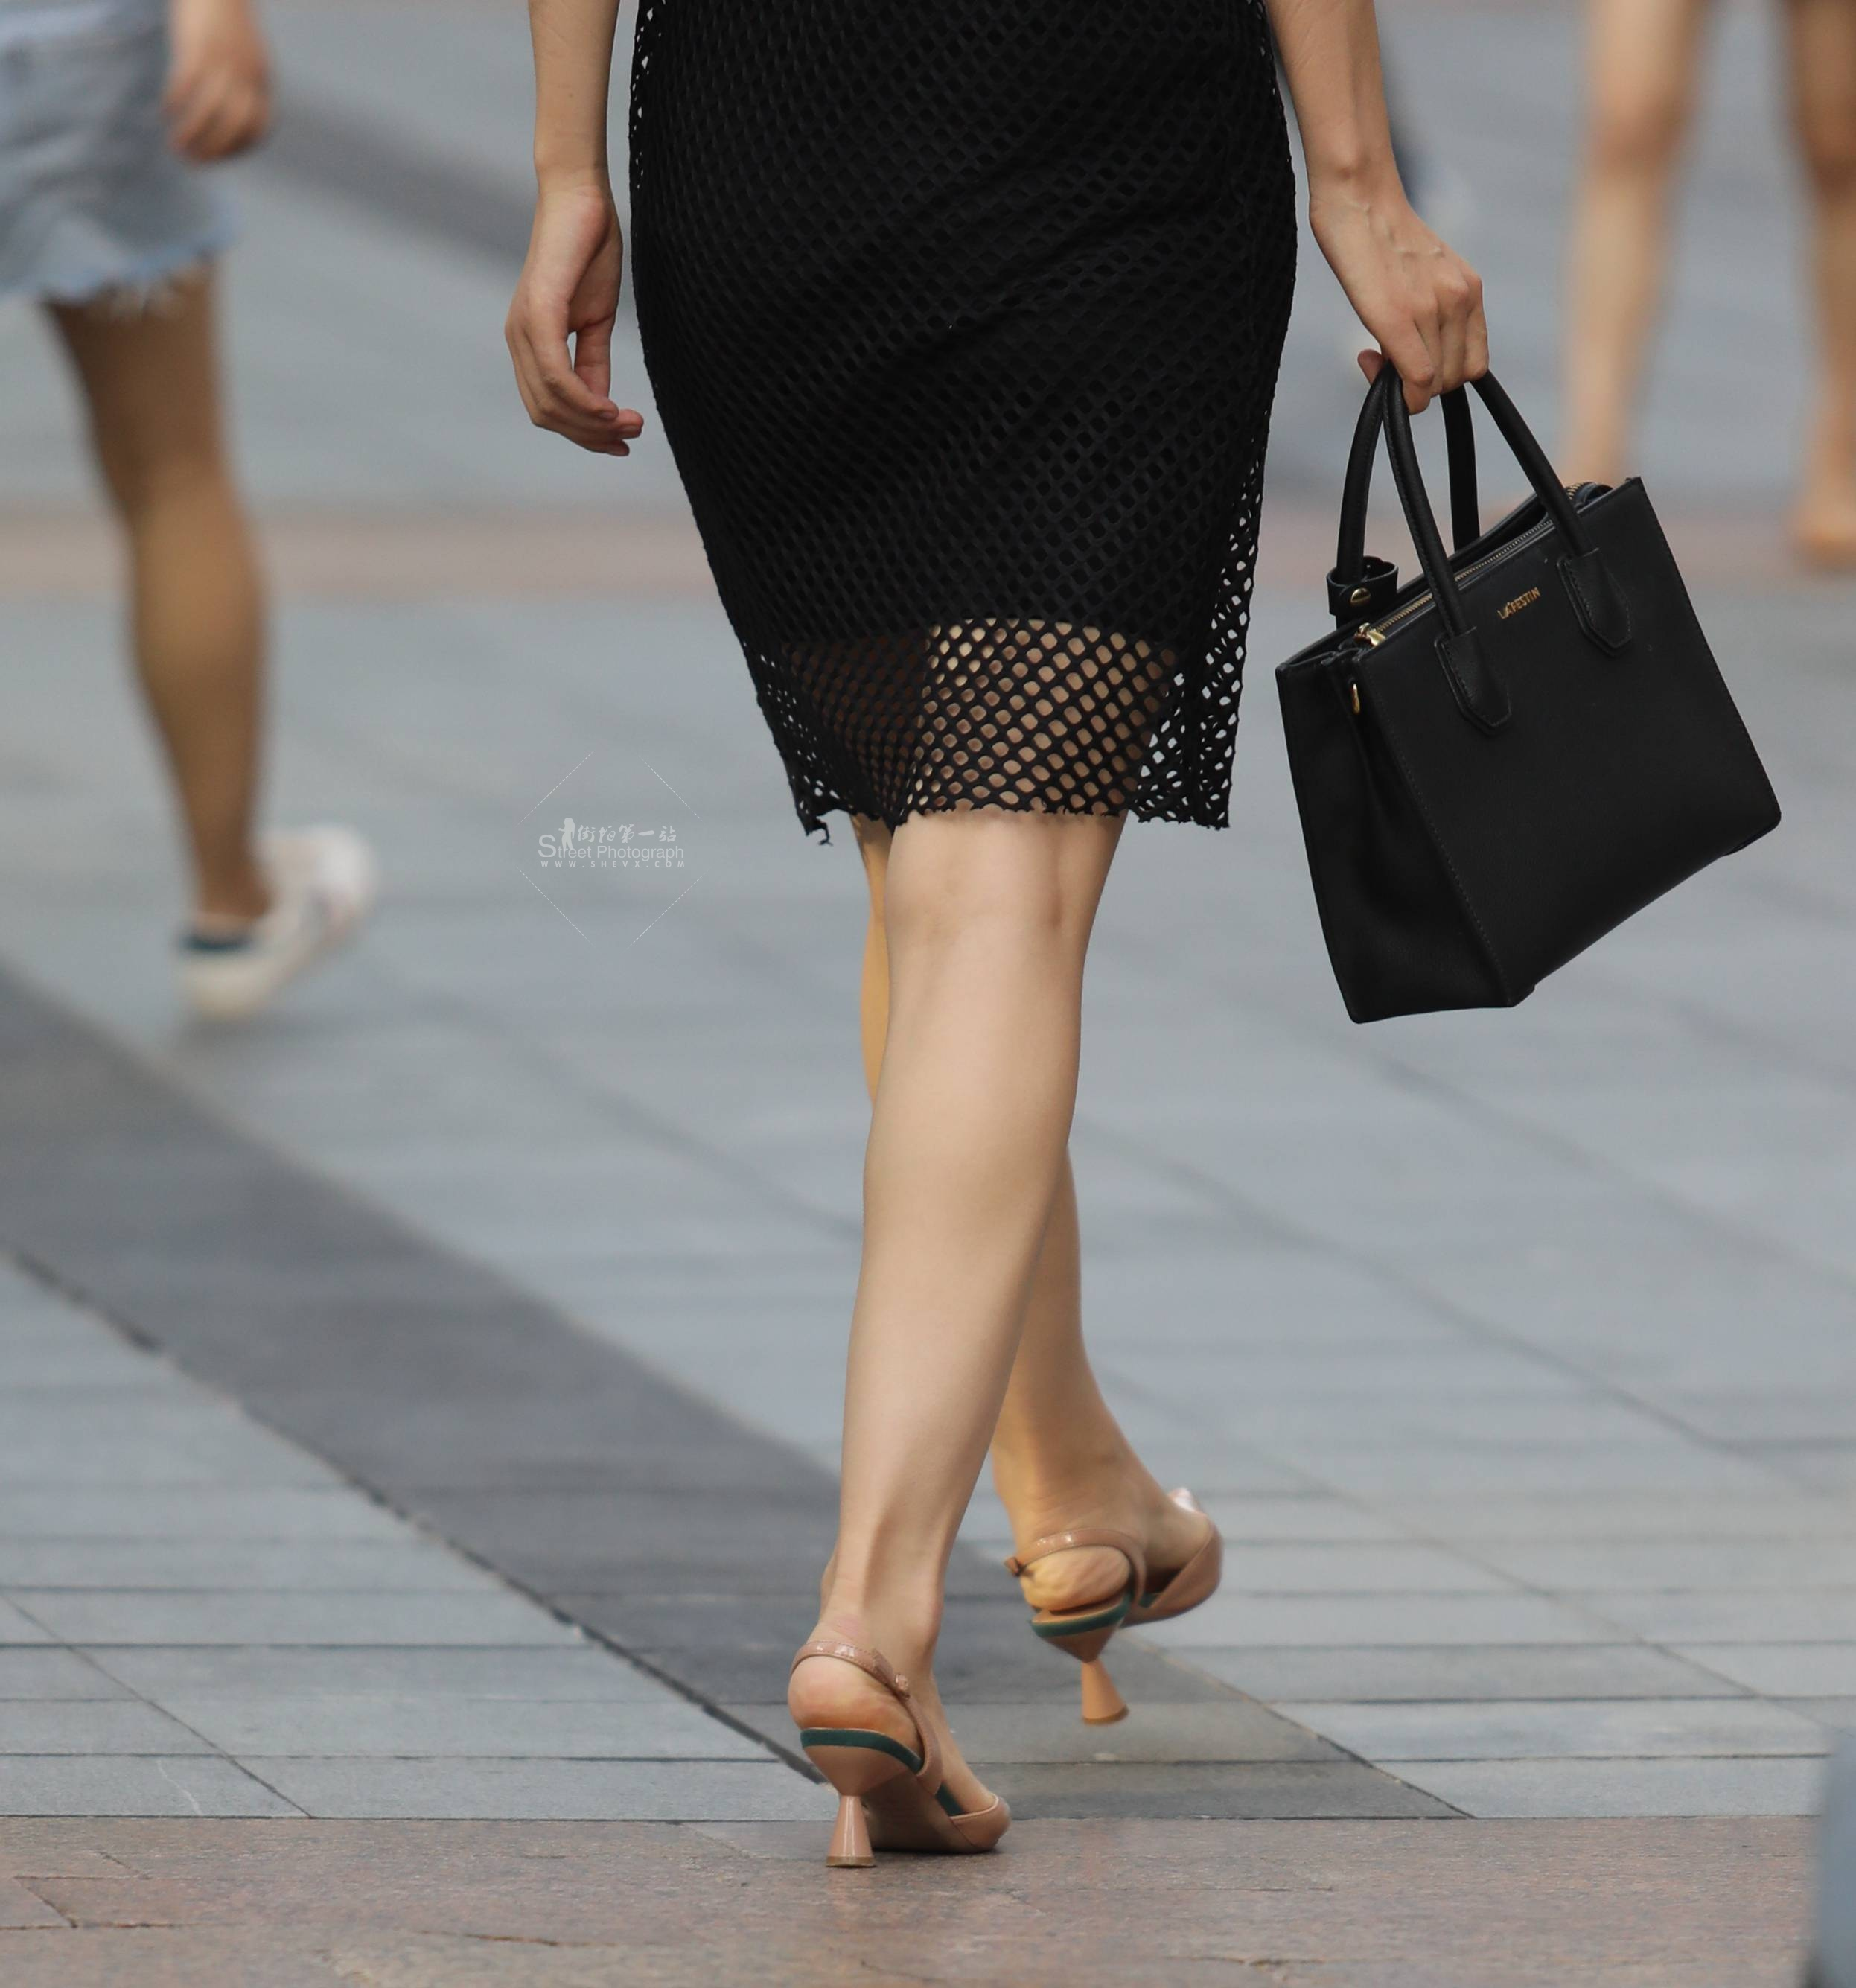 街拍高跟 【珏一笑而过】气质黑裙 高跟 最新街拍丝袜图片 街拍丝袜第一站